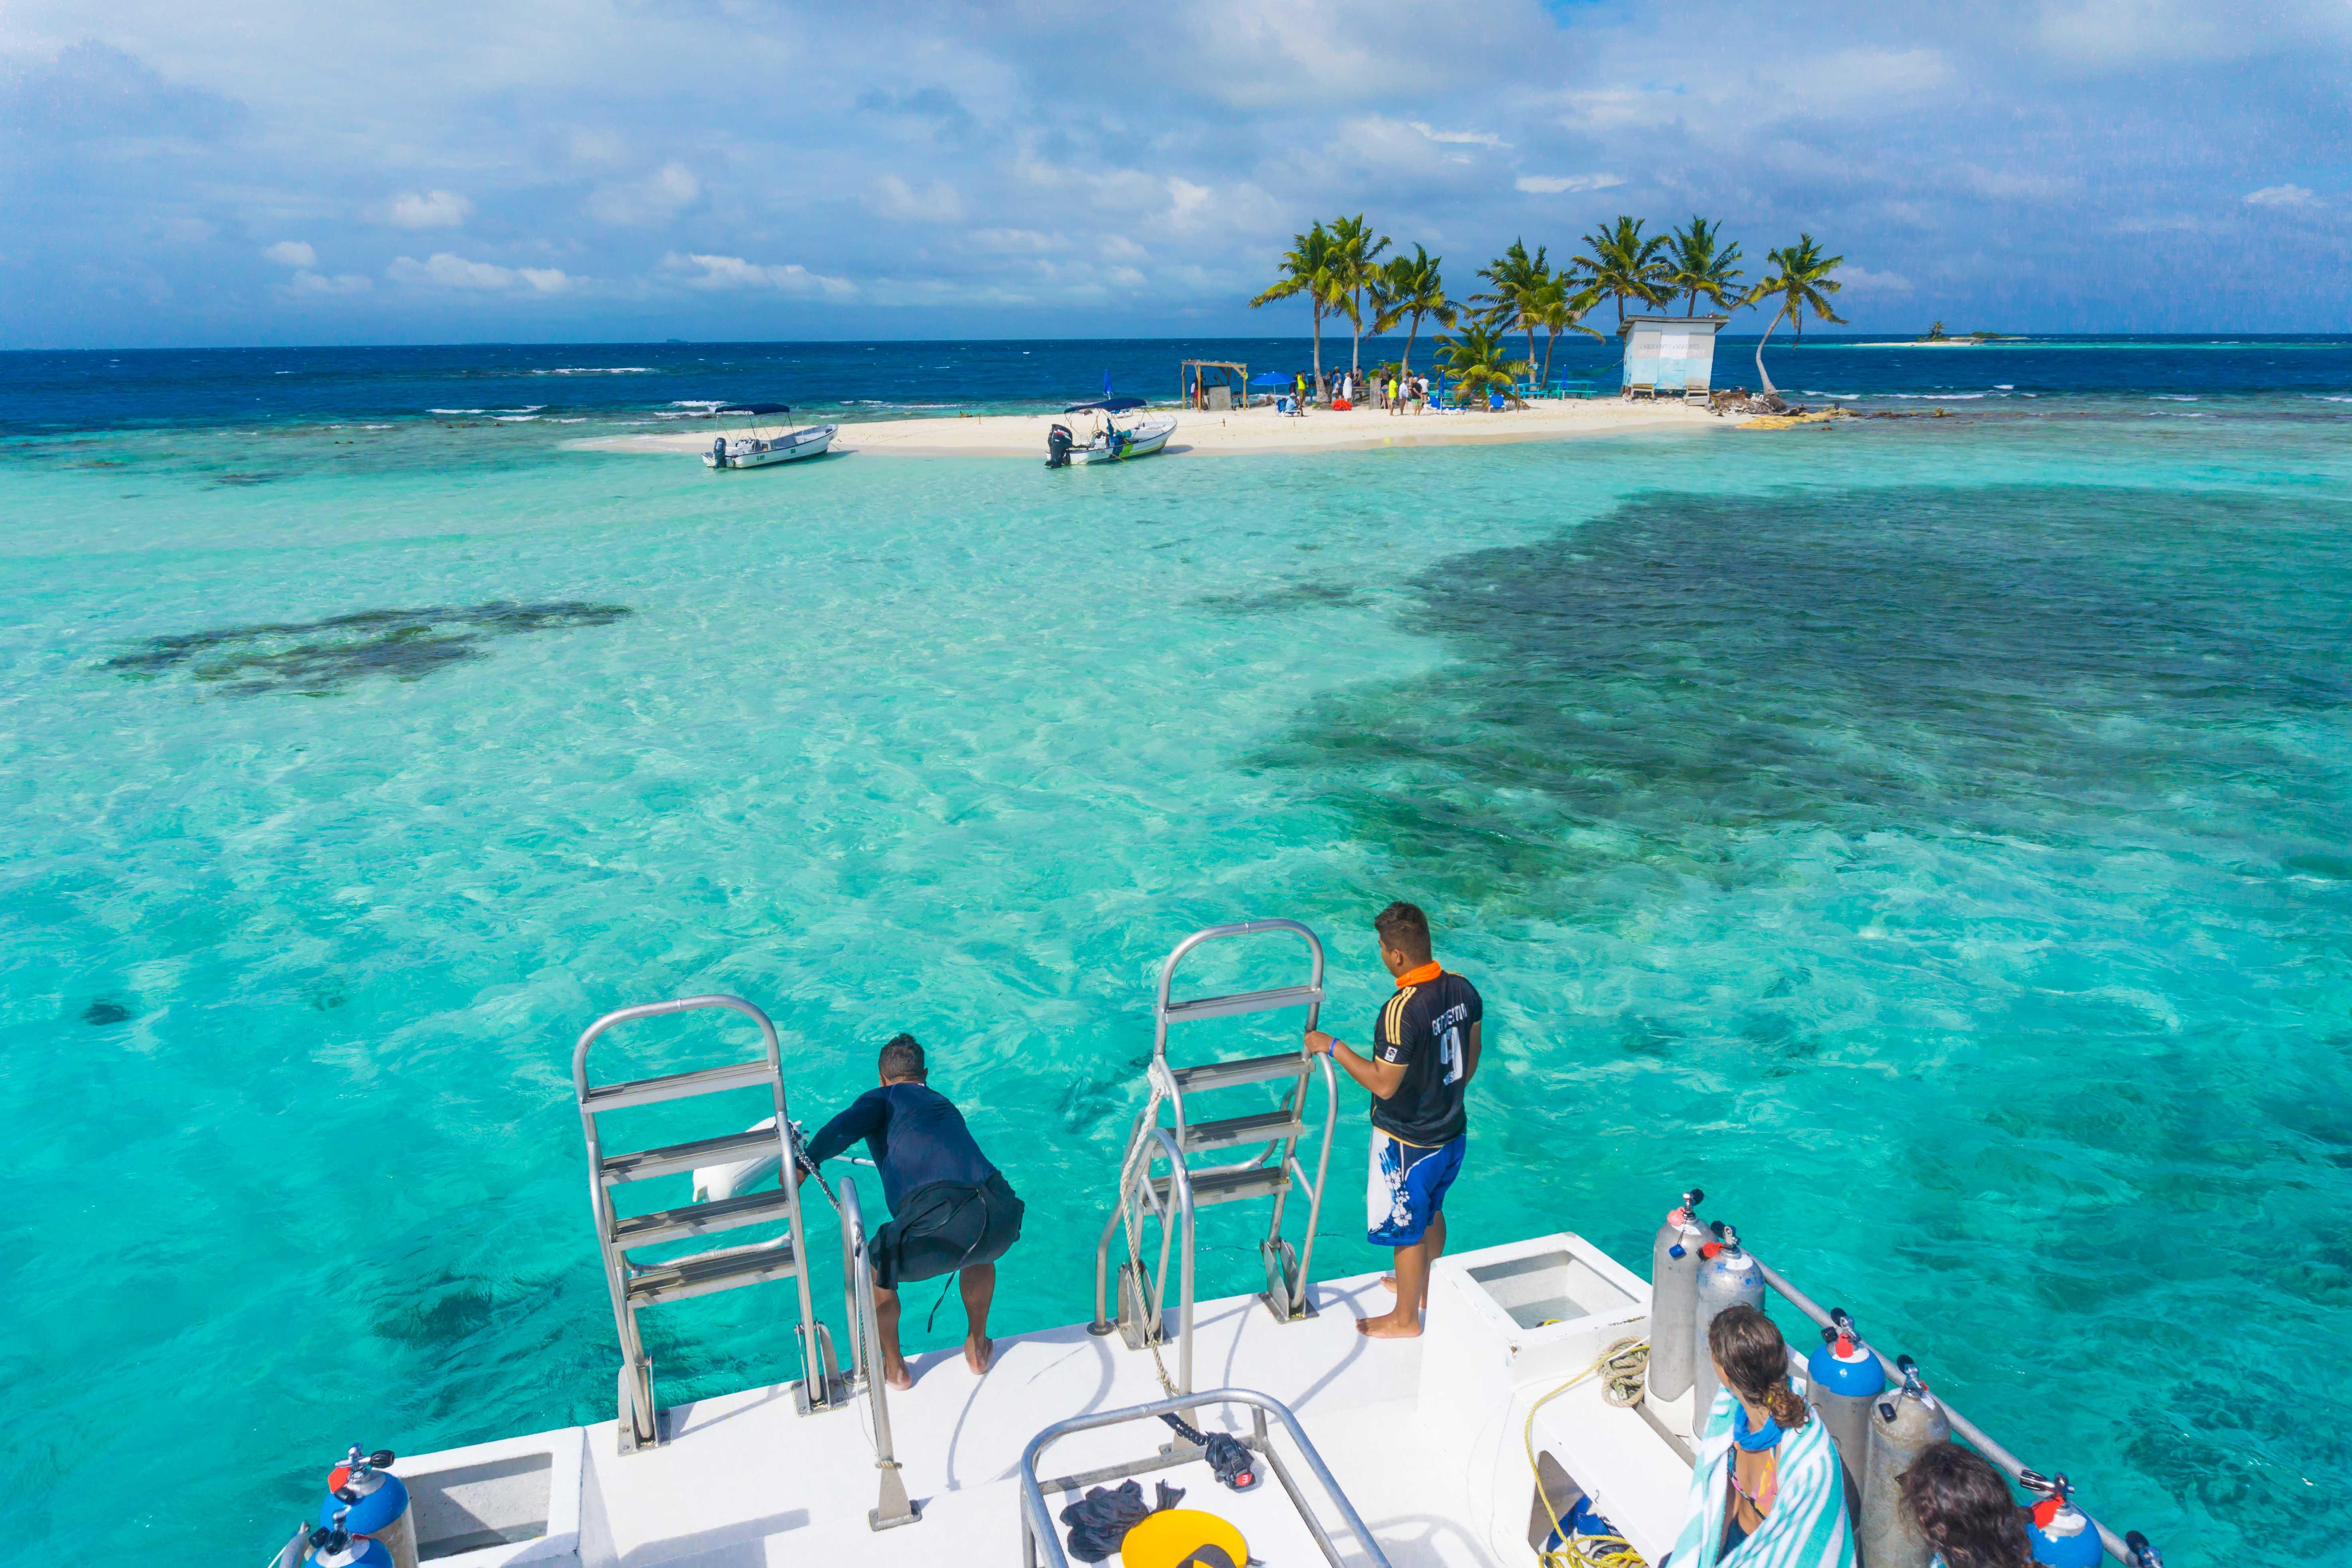 foto do barco do mergulho chegando em placencia, Belize